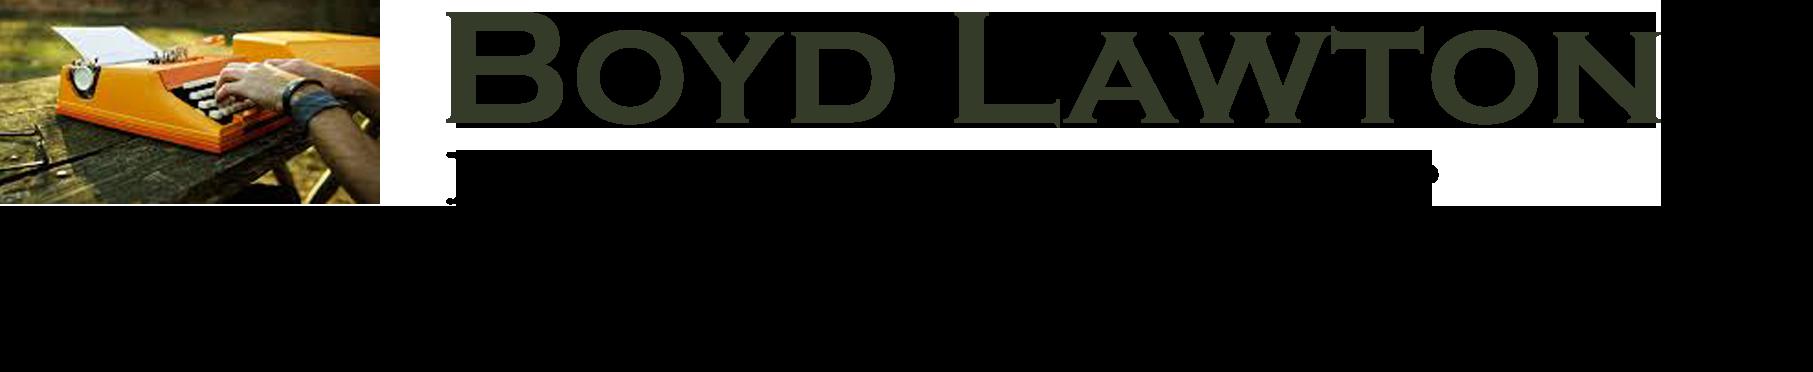 BOYD LAWTON